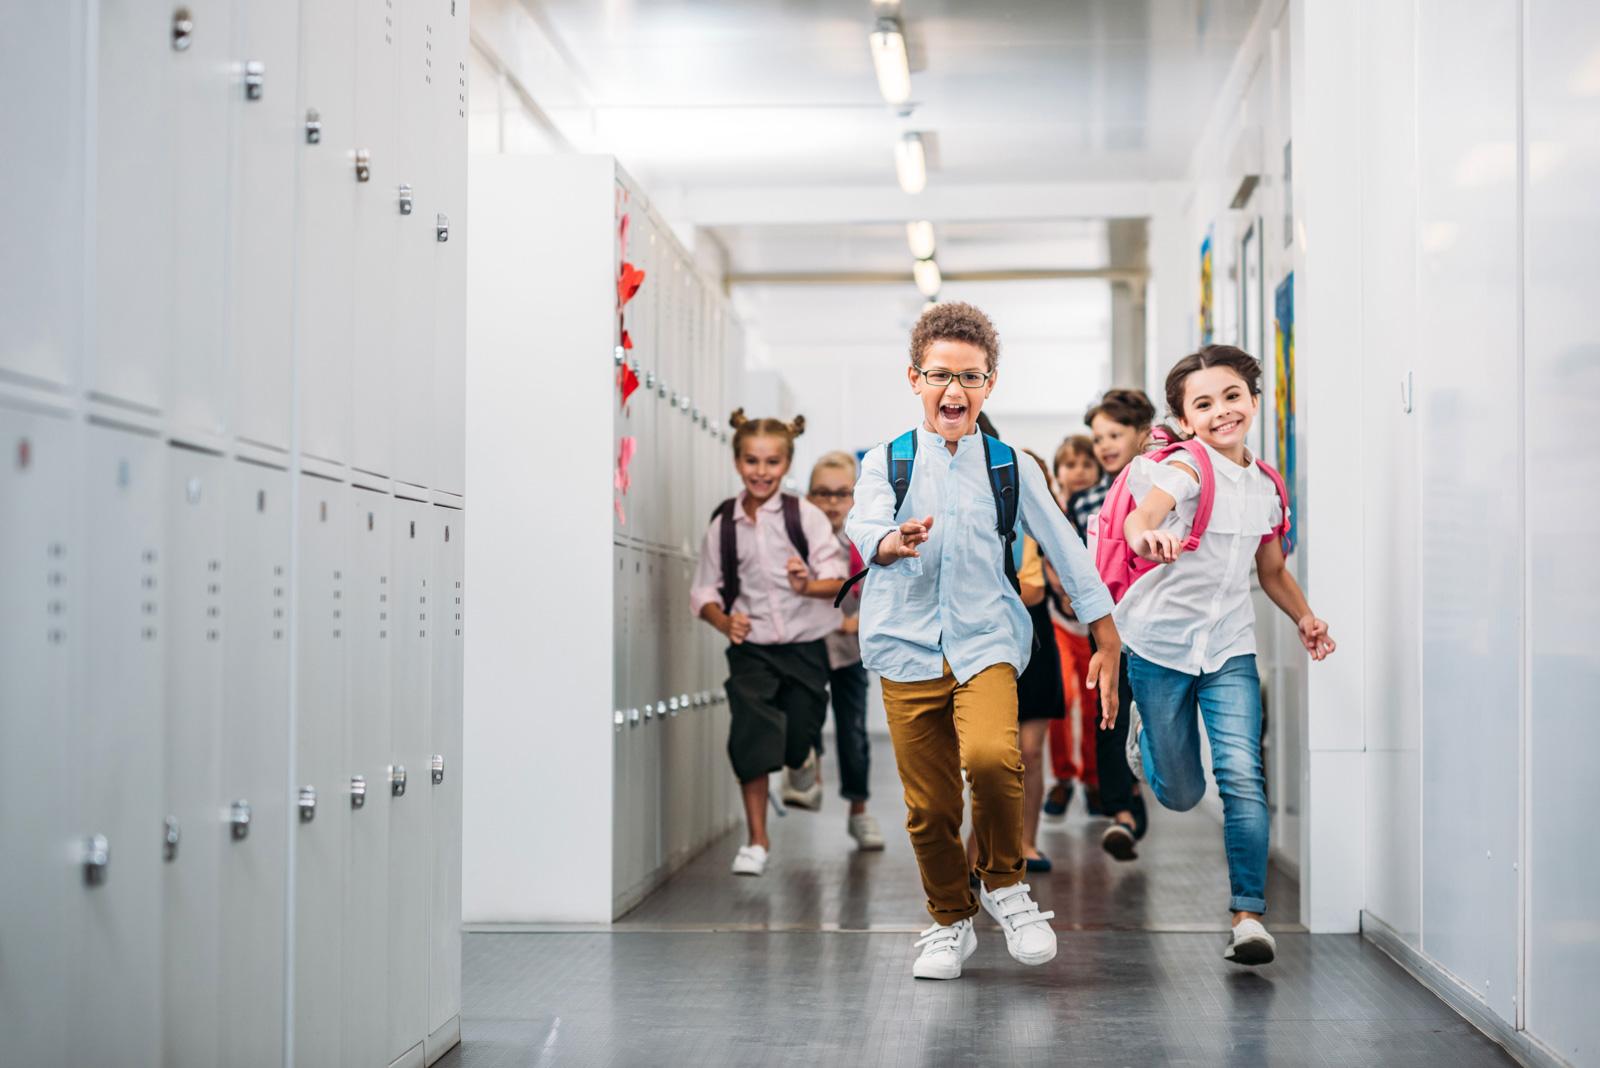 kids running in school hallway